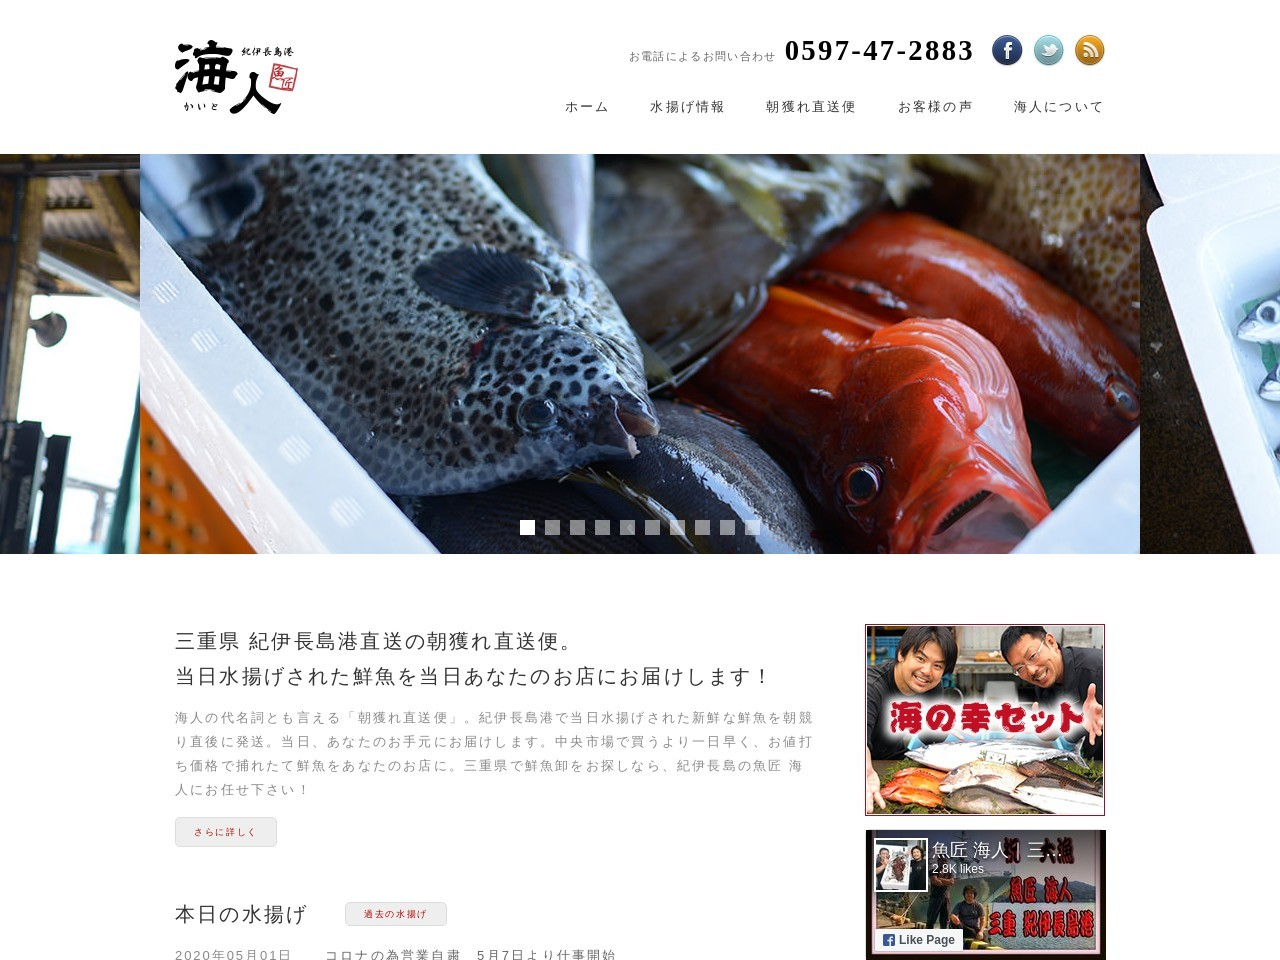 株式会社魚匠海人